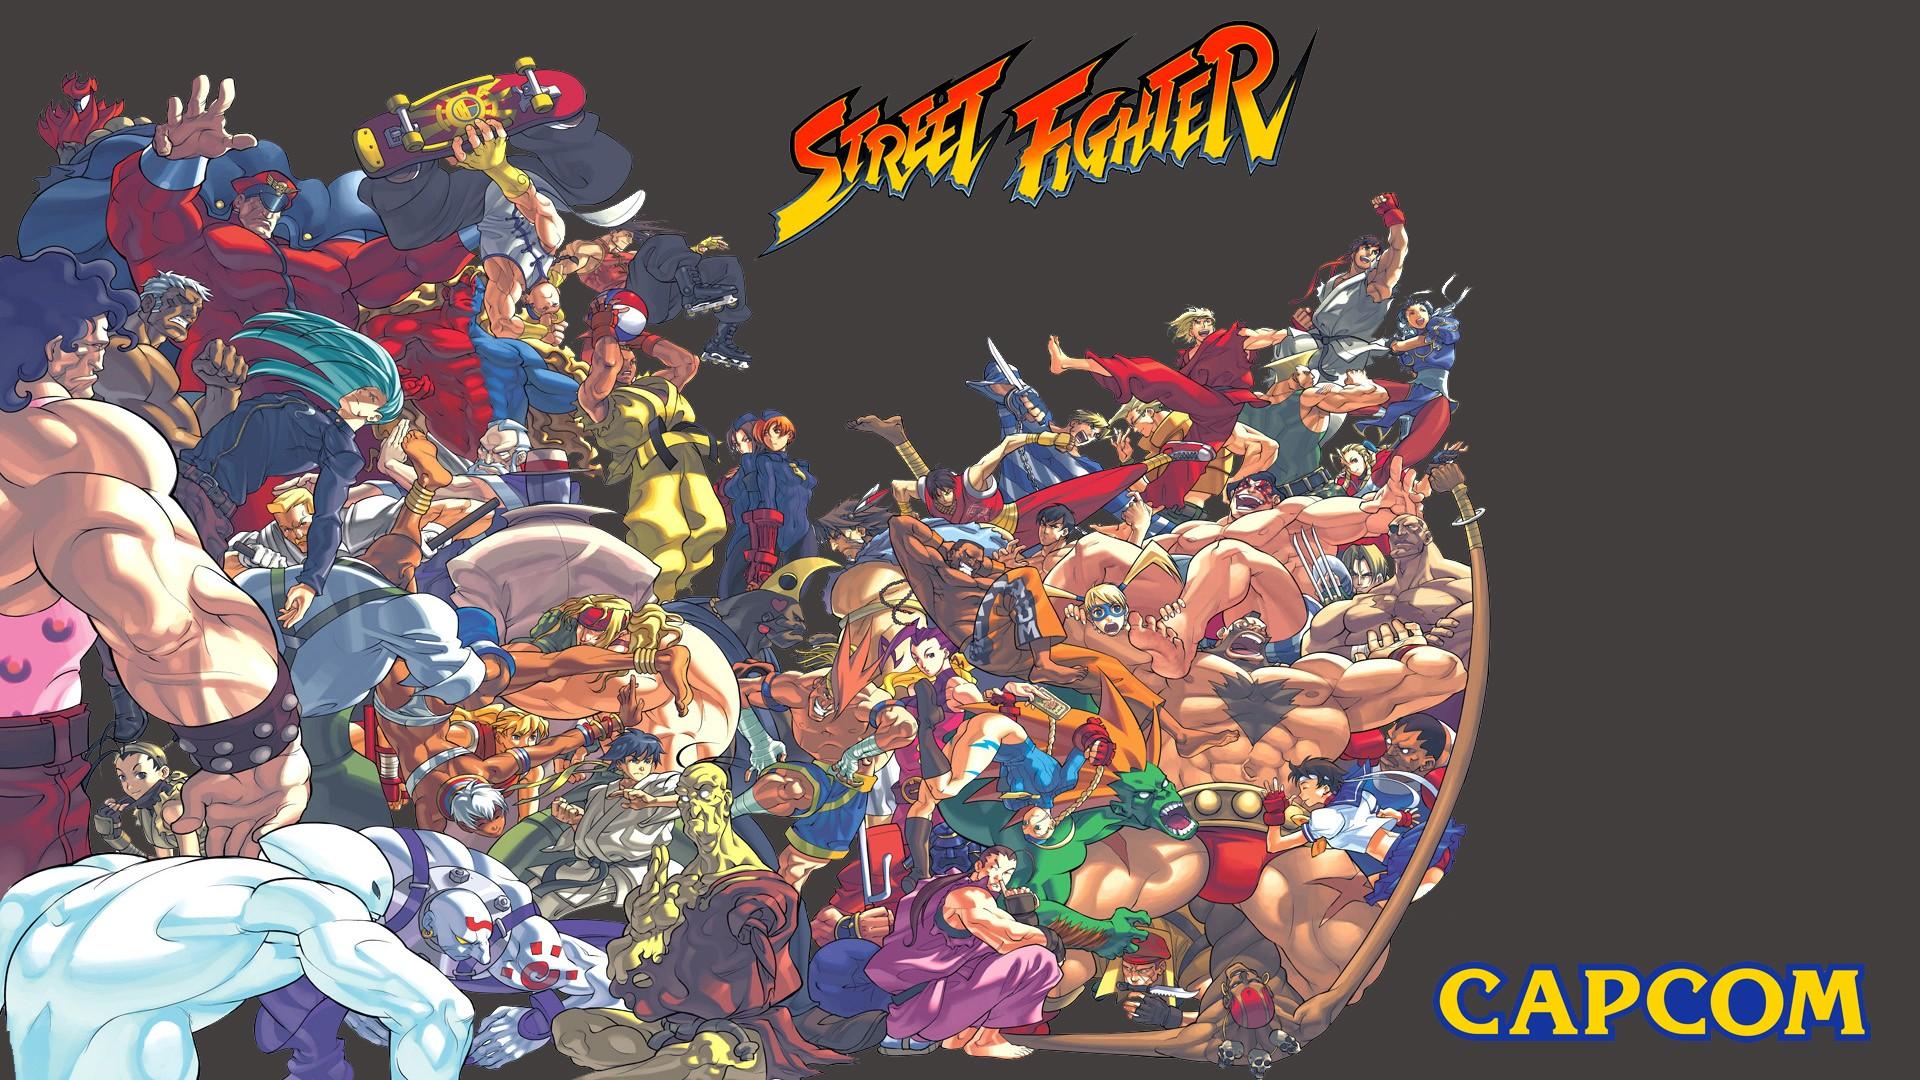 Wallpaper : ilustrasi, Video game, anime, petarung jalanan